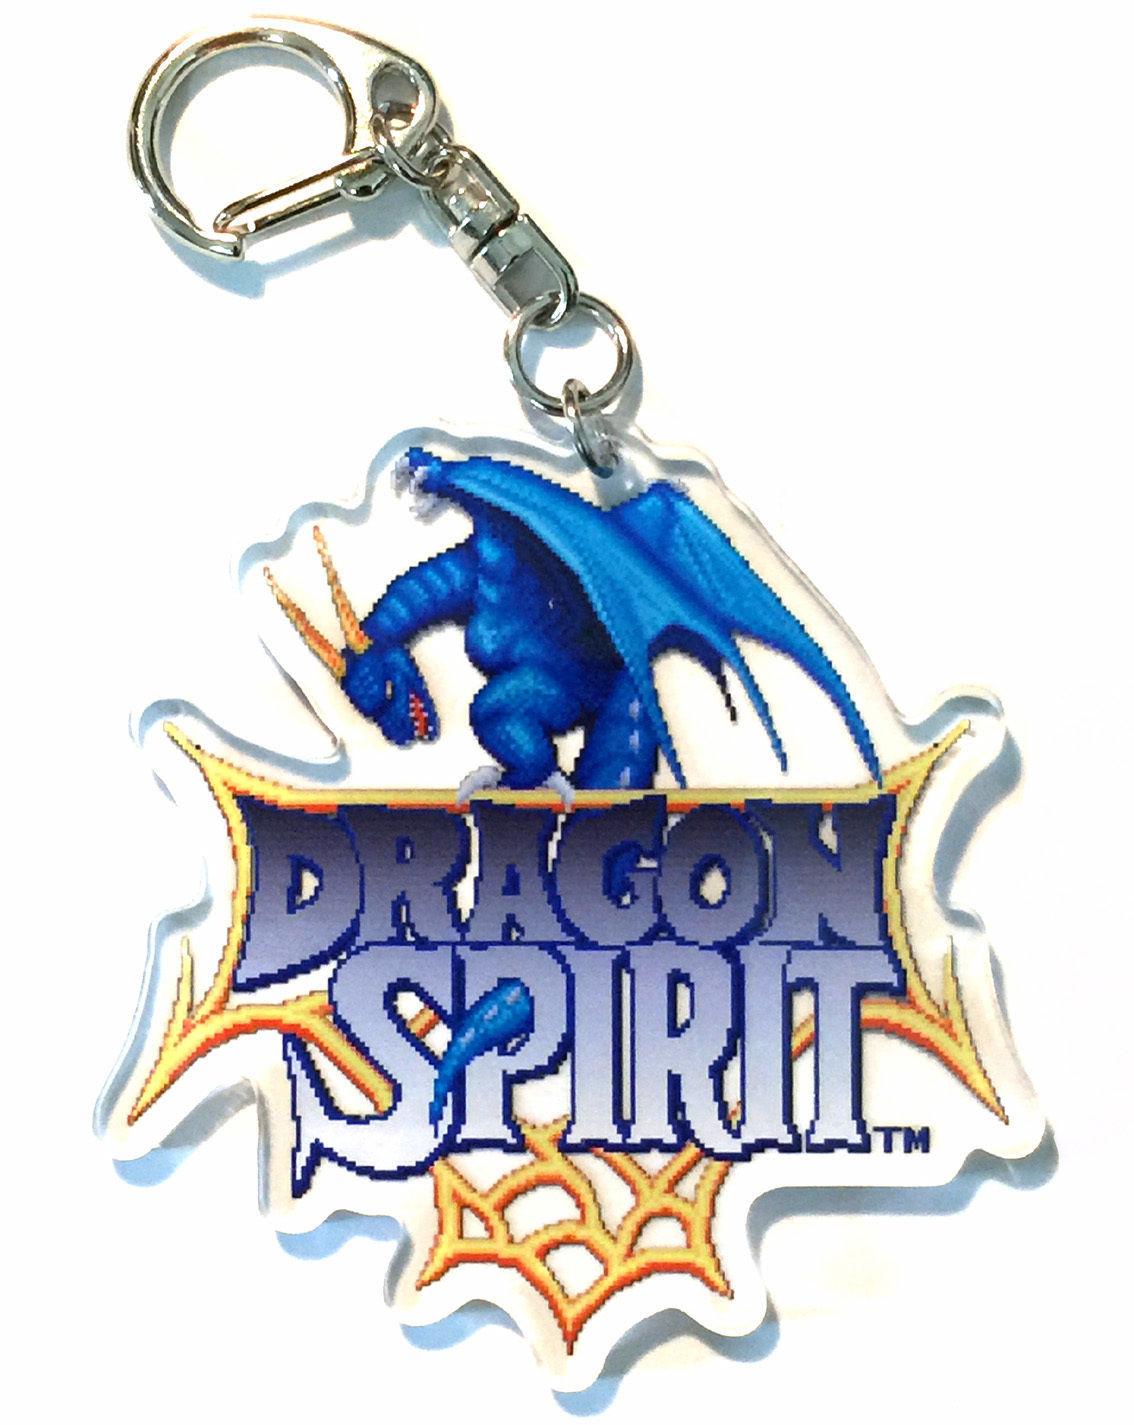 【ドラゴンスピリット30周年記念商品】タイトル画面 アクリルキーホルダー / GAMES GLORIOUS